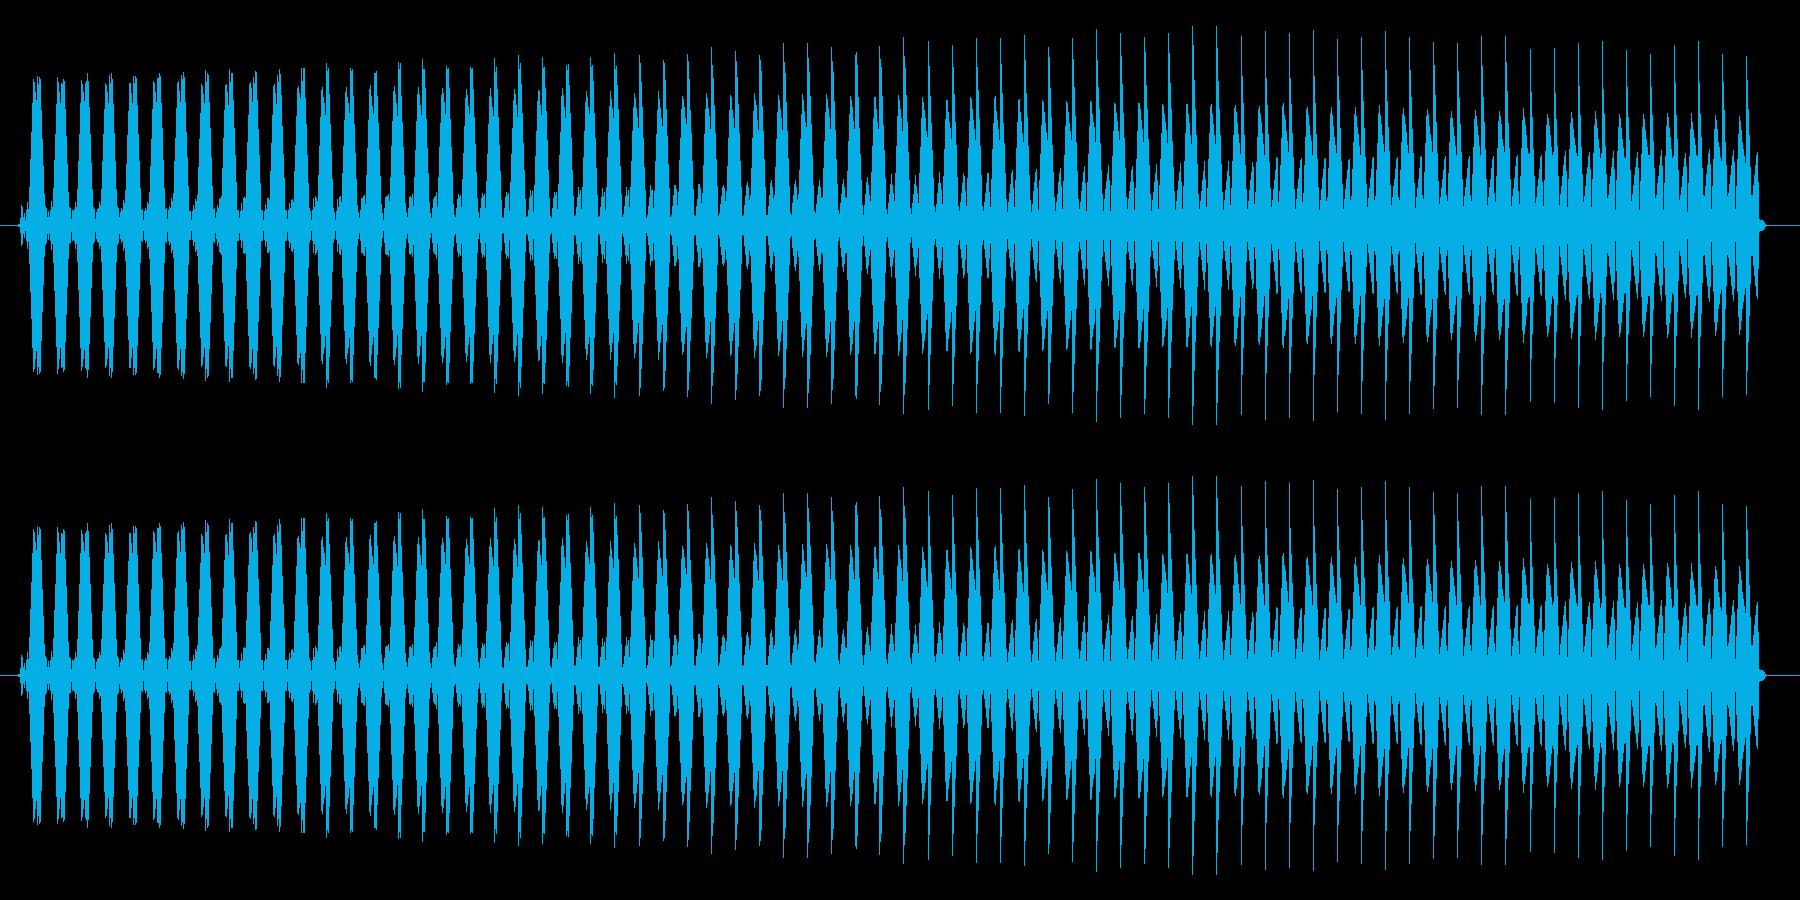 ヴゥー。クイズ不正解・ブザー音の再生済みの波形